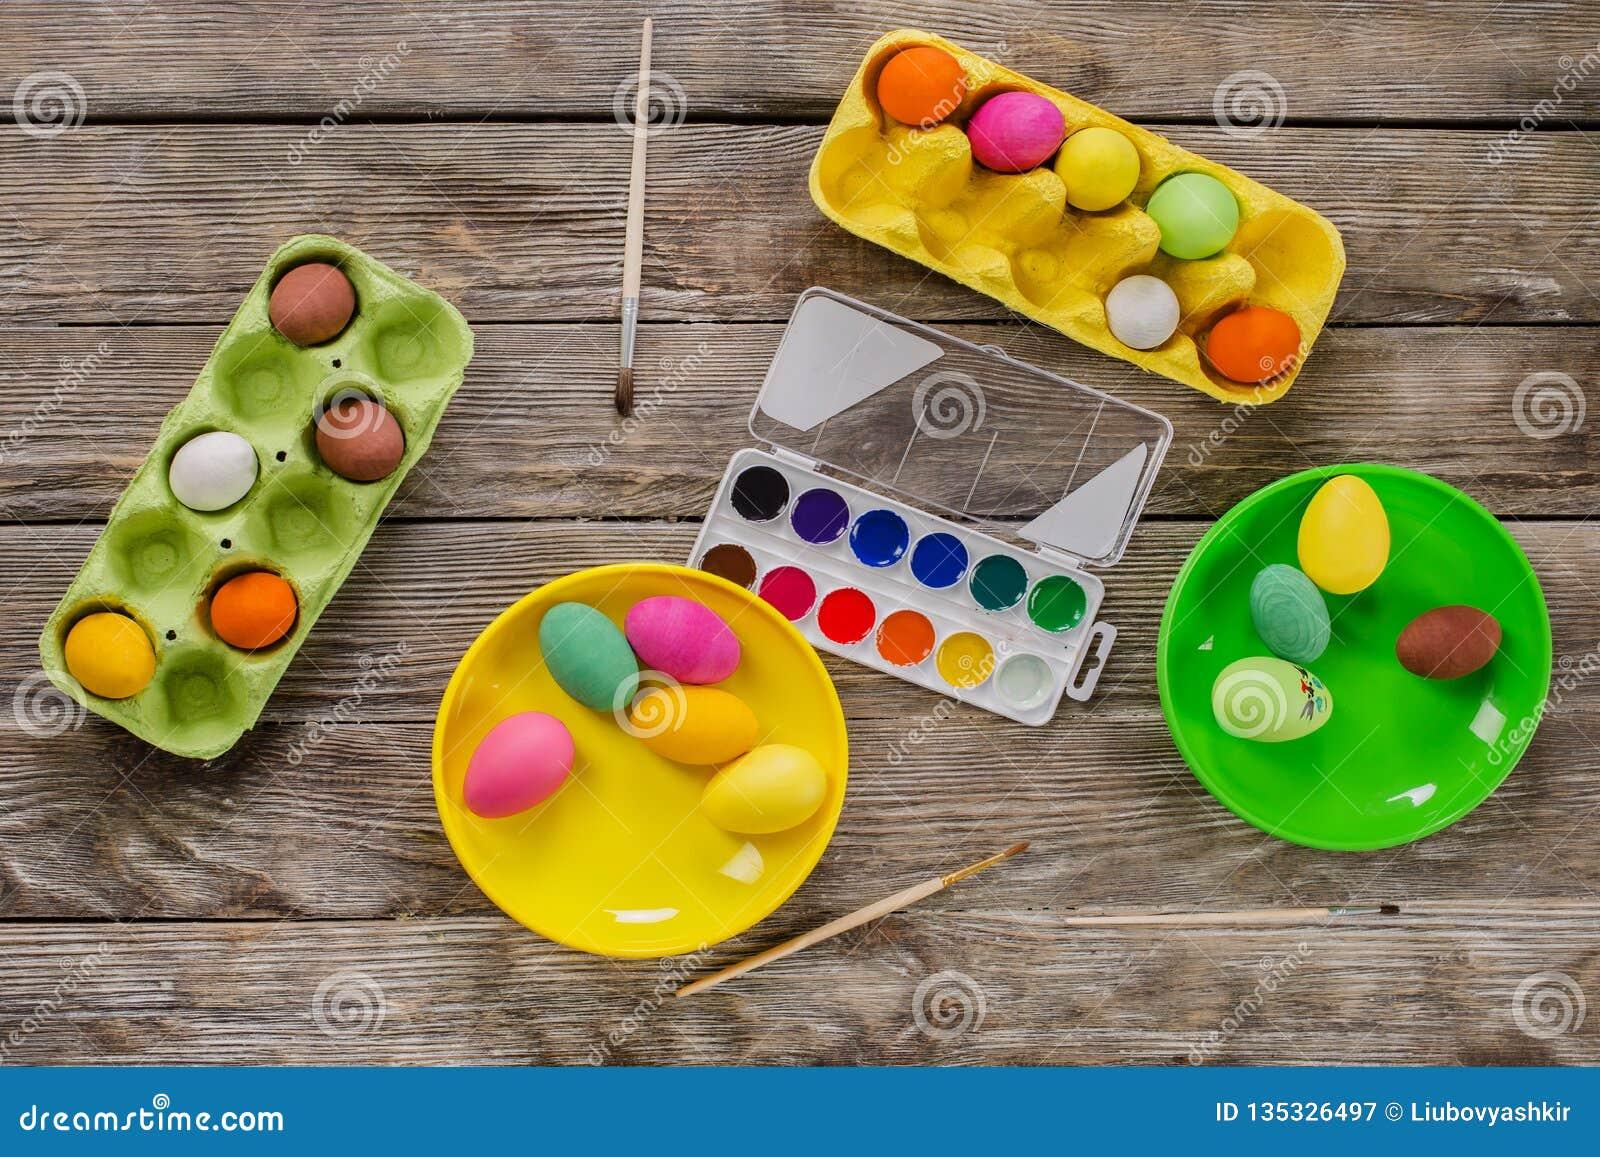 Pasqua Una famiglia felice dipingerà le uova e si preparerà per Pasqua